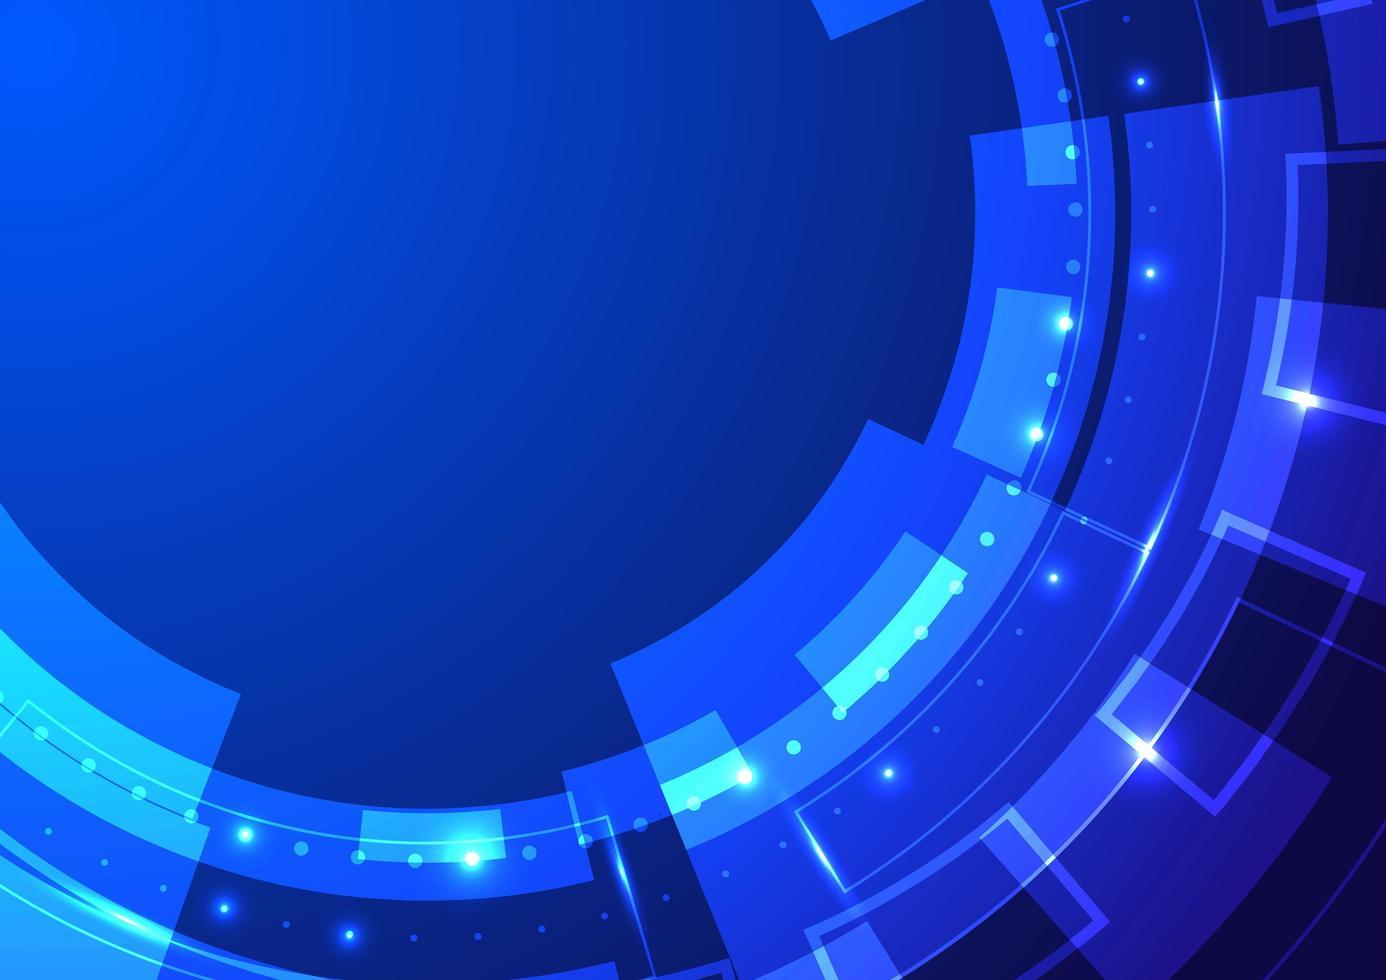 abstrakte Technologie blaues Rad Neonbeleuchtung vektor